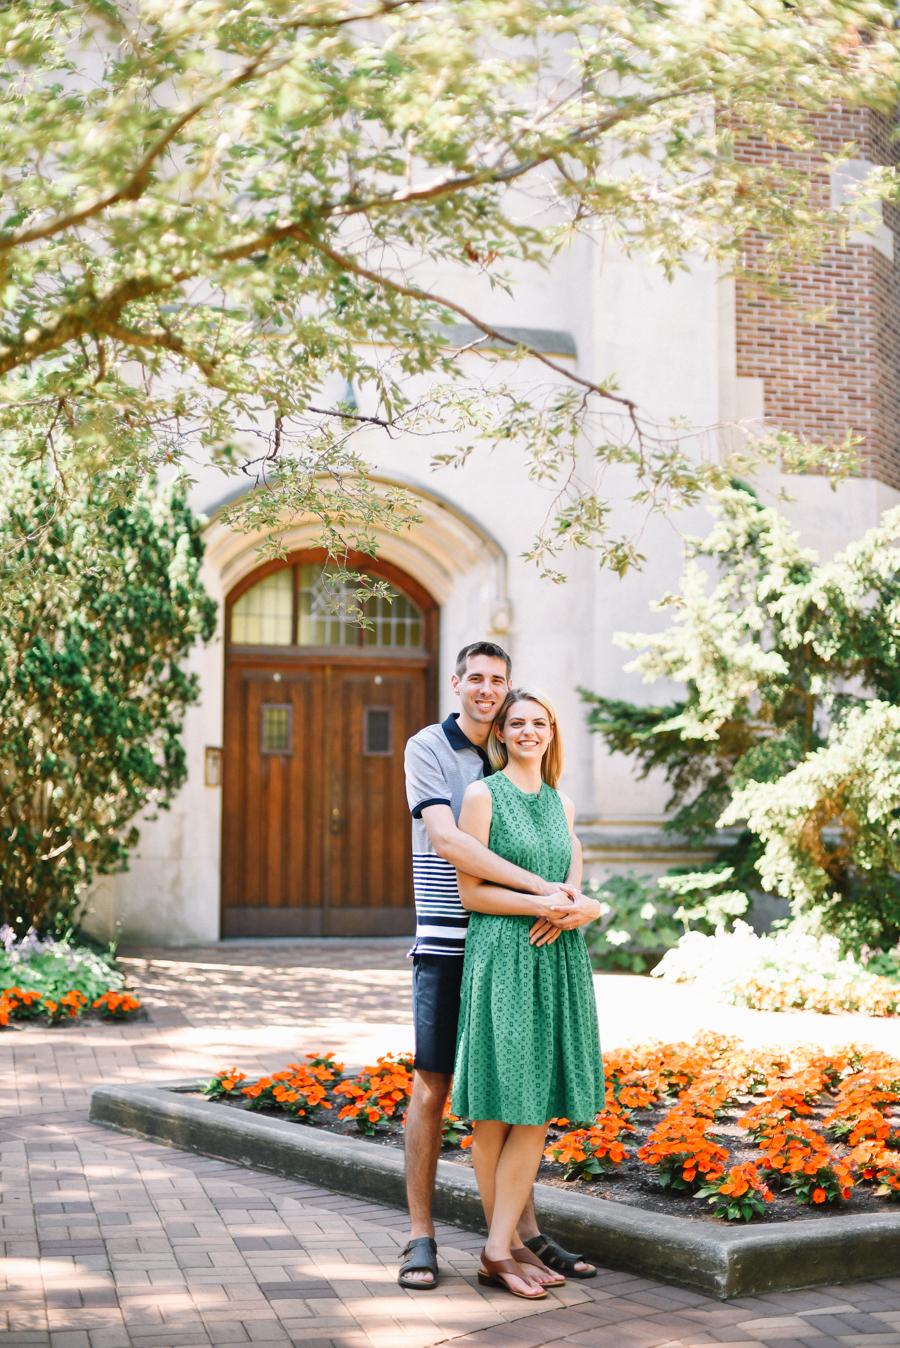 MSU_Arboretum_Engagement_Photos-103.jpg